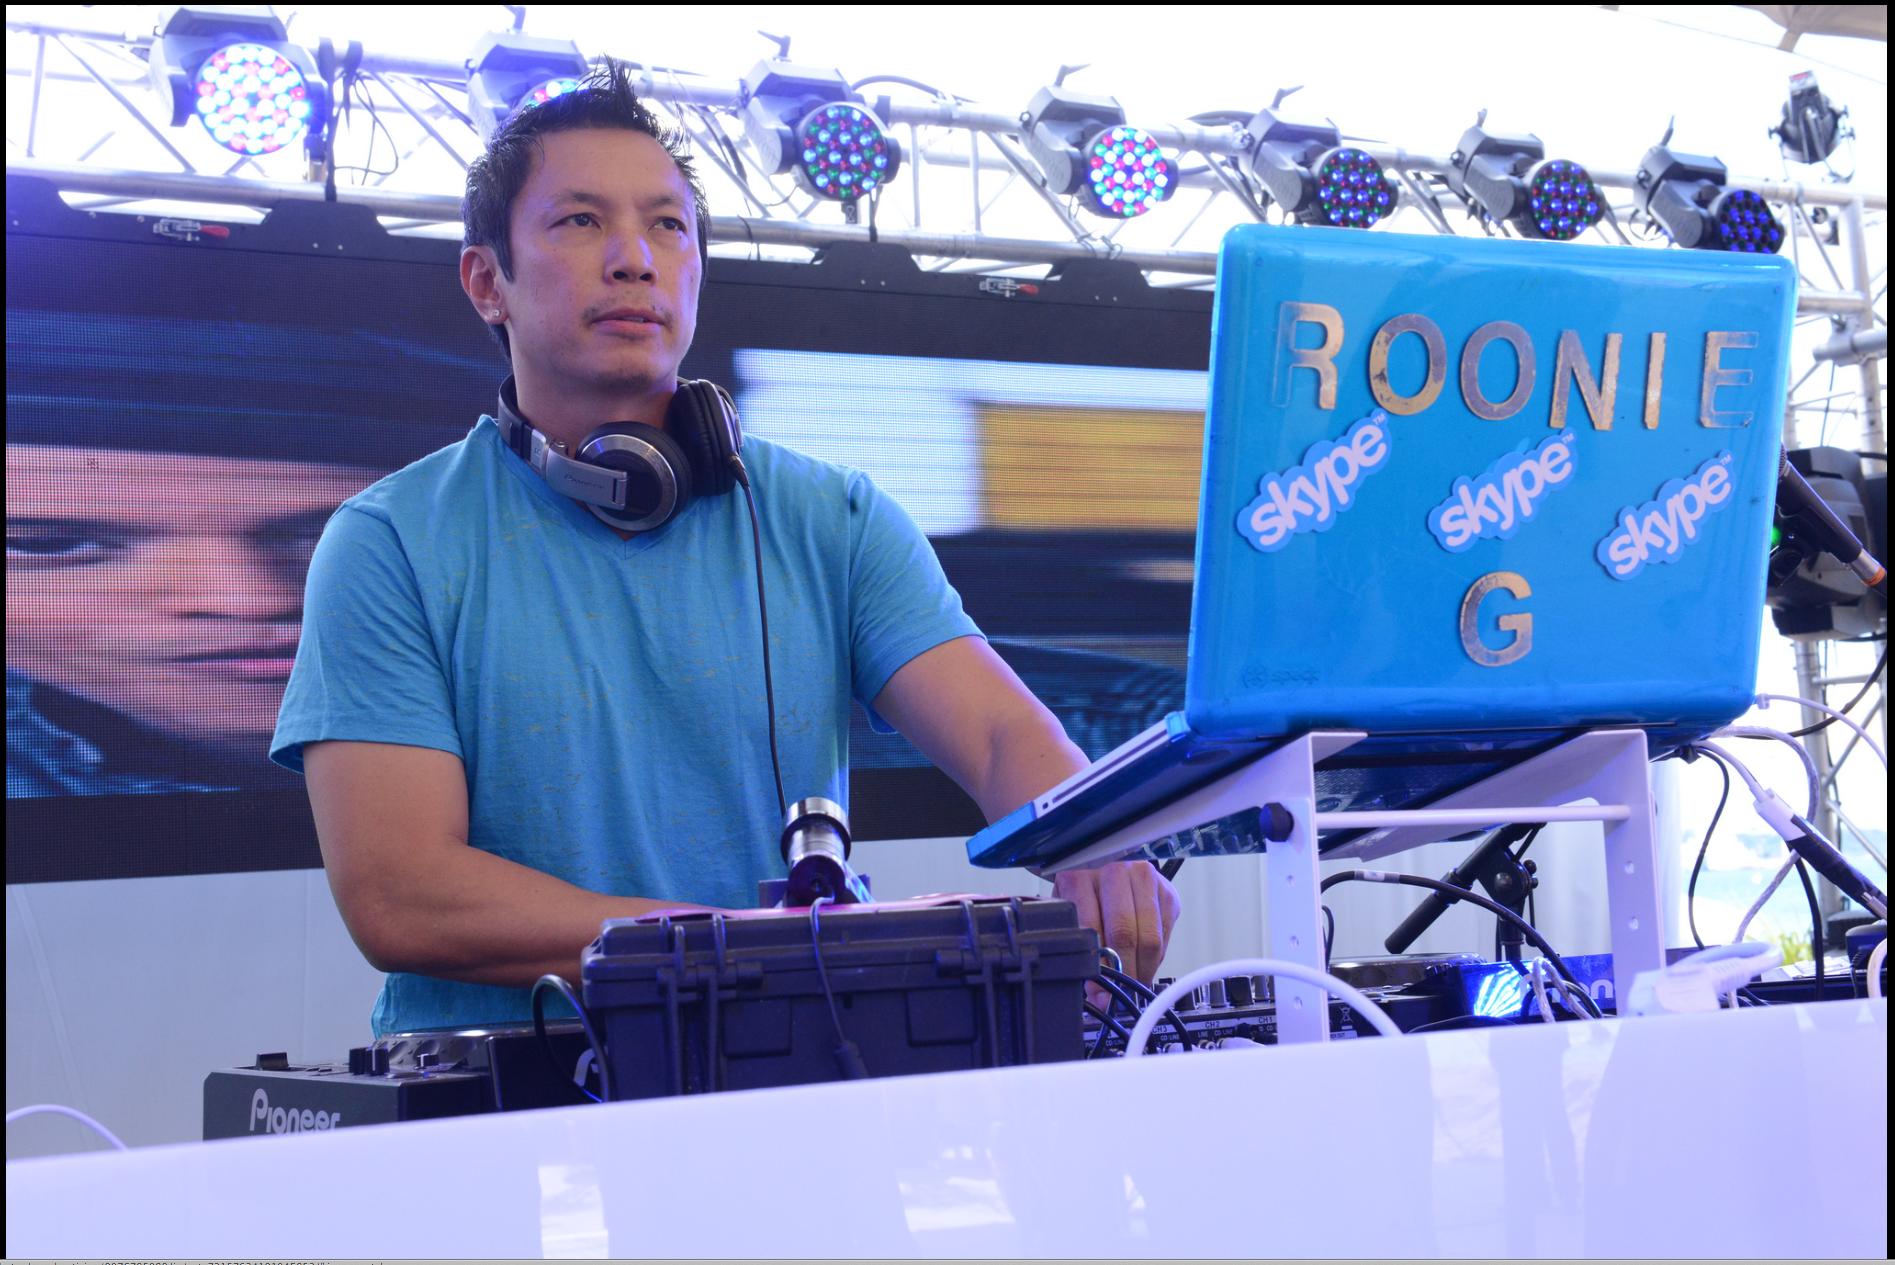 DJ Roonie Skype party